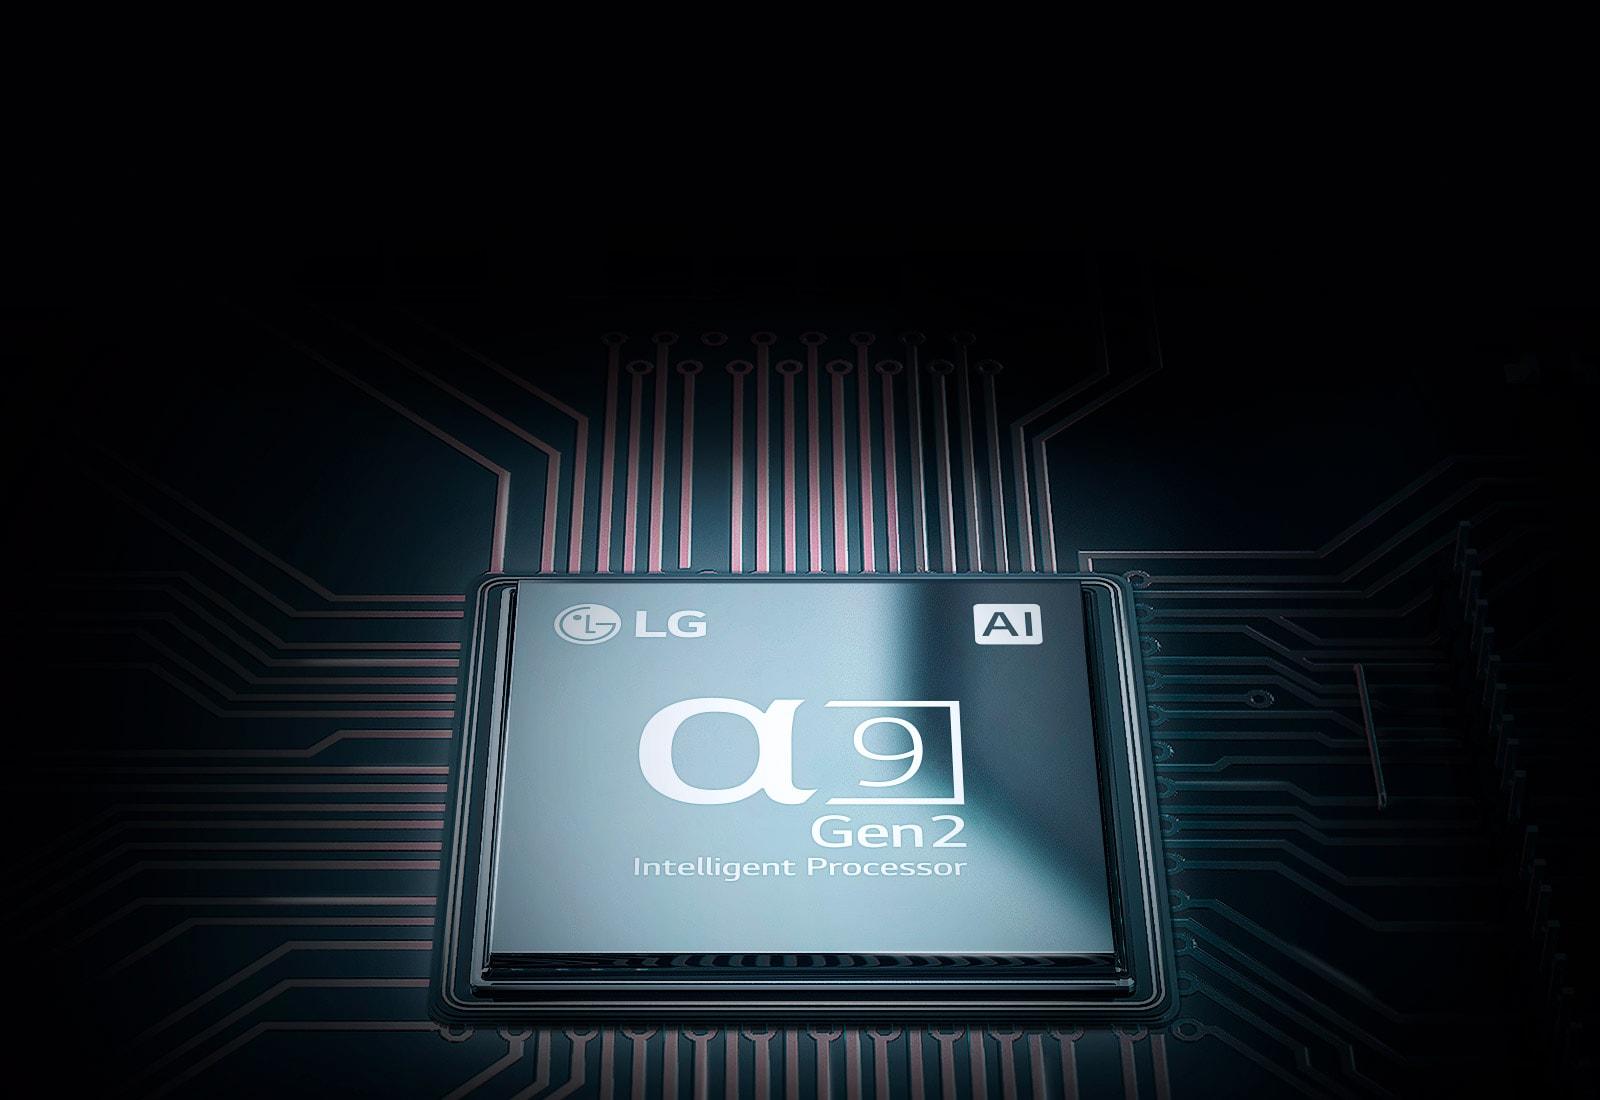 Der α9 Gen2 Prozessor mit künstlicher Intelligenz1